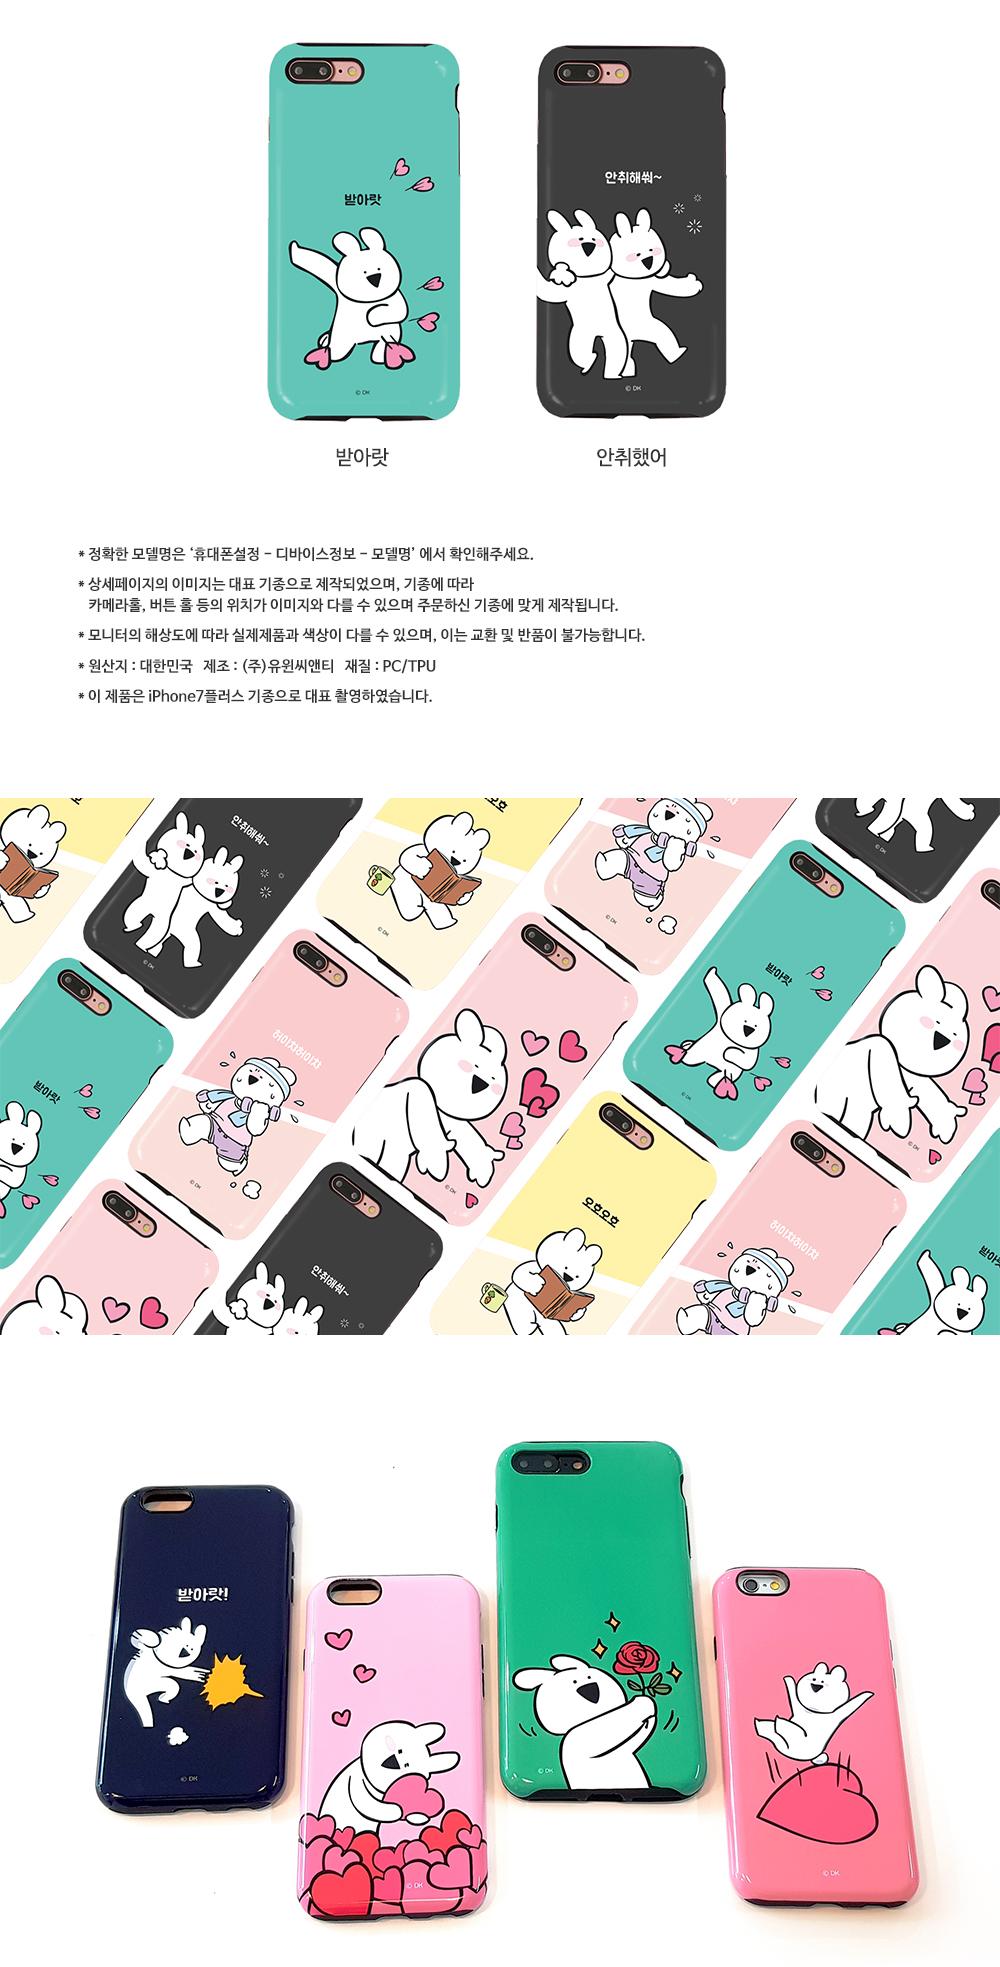 오버액션 토끼 정품 더블가드 케이스 - 하트방방 - 오버액션 토끼, 19,000원, 필름/스킨, 갤럭시S8/S8플러스